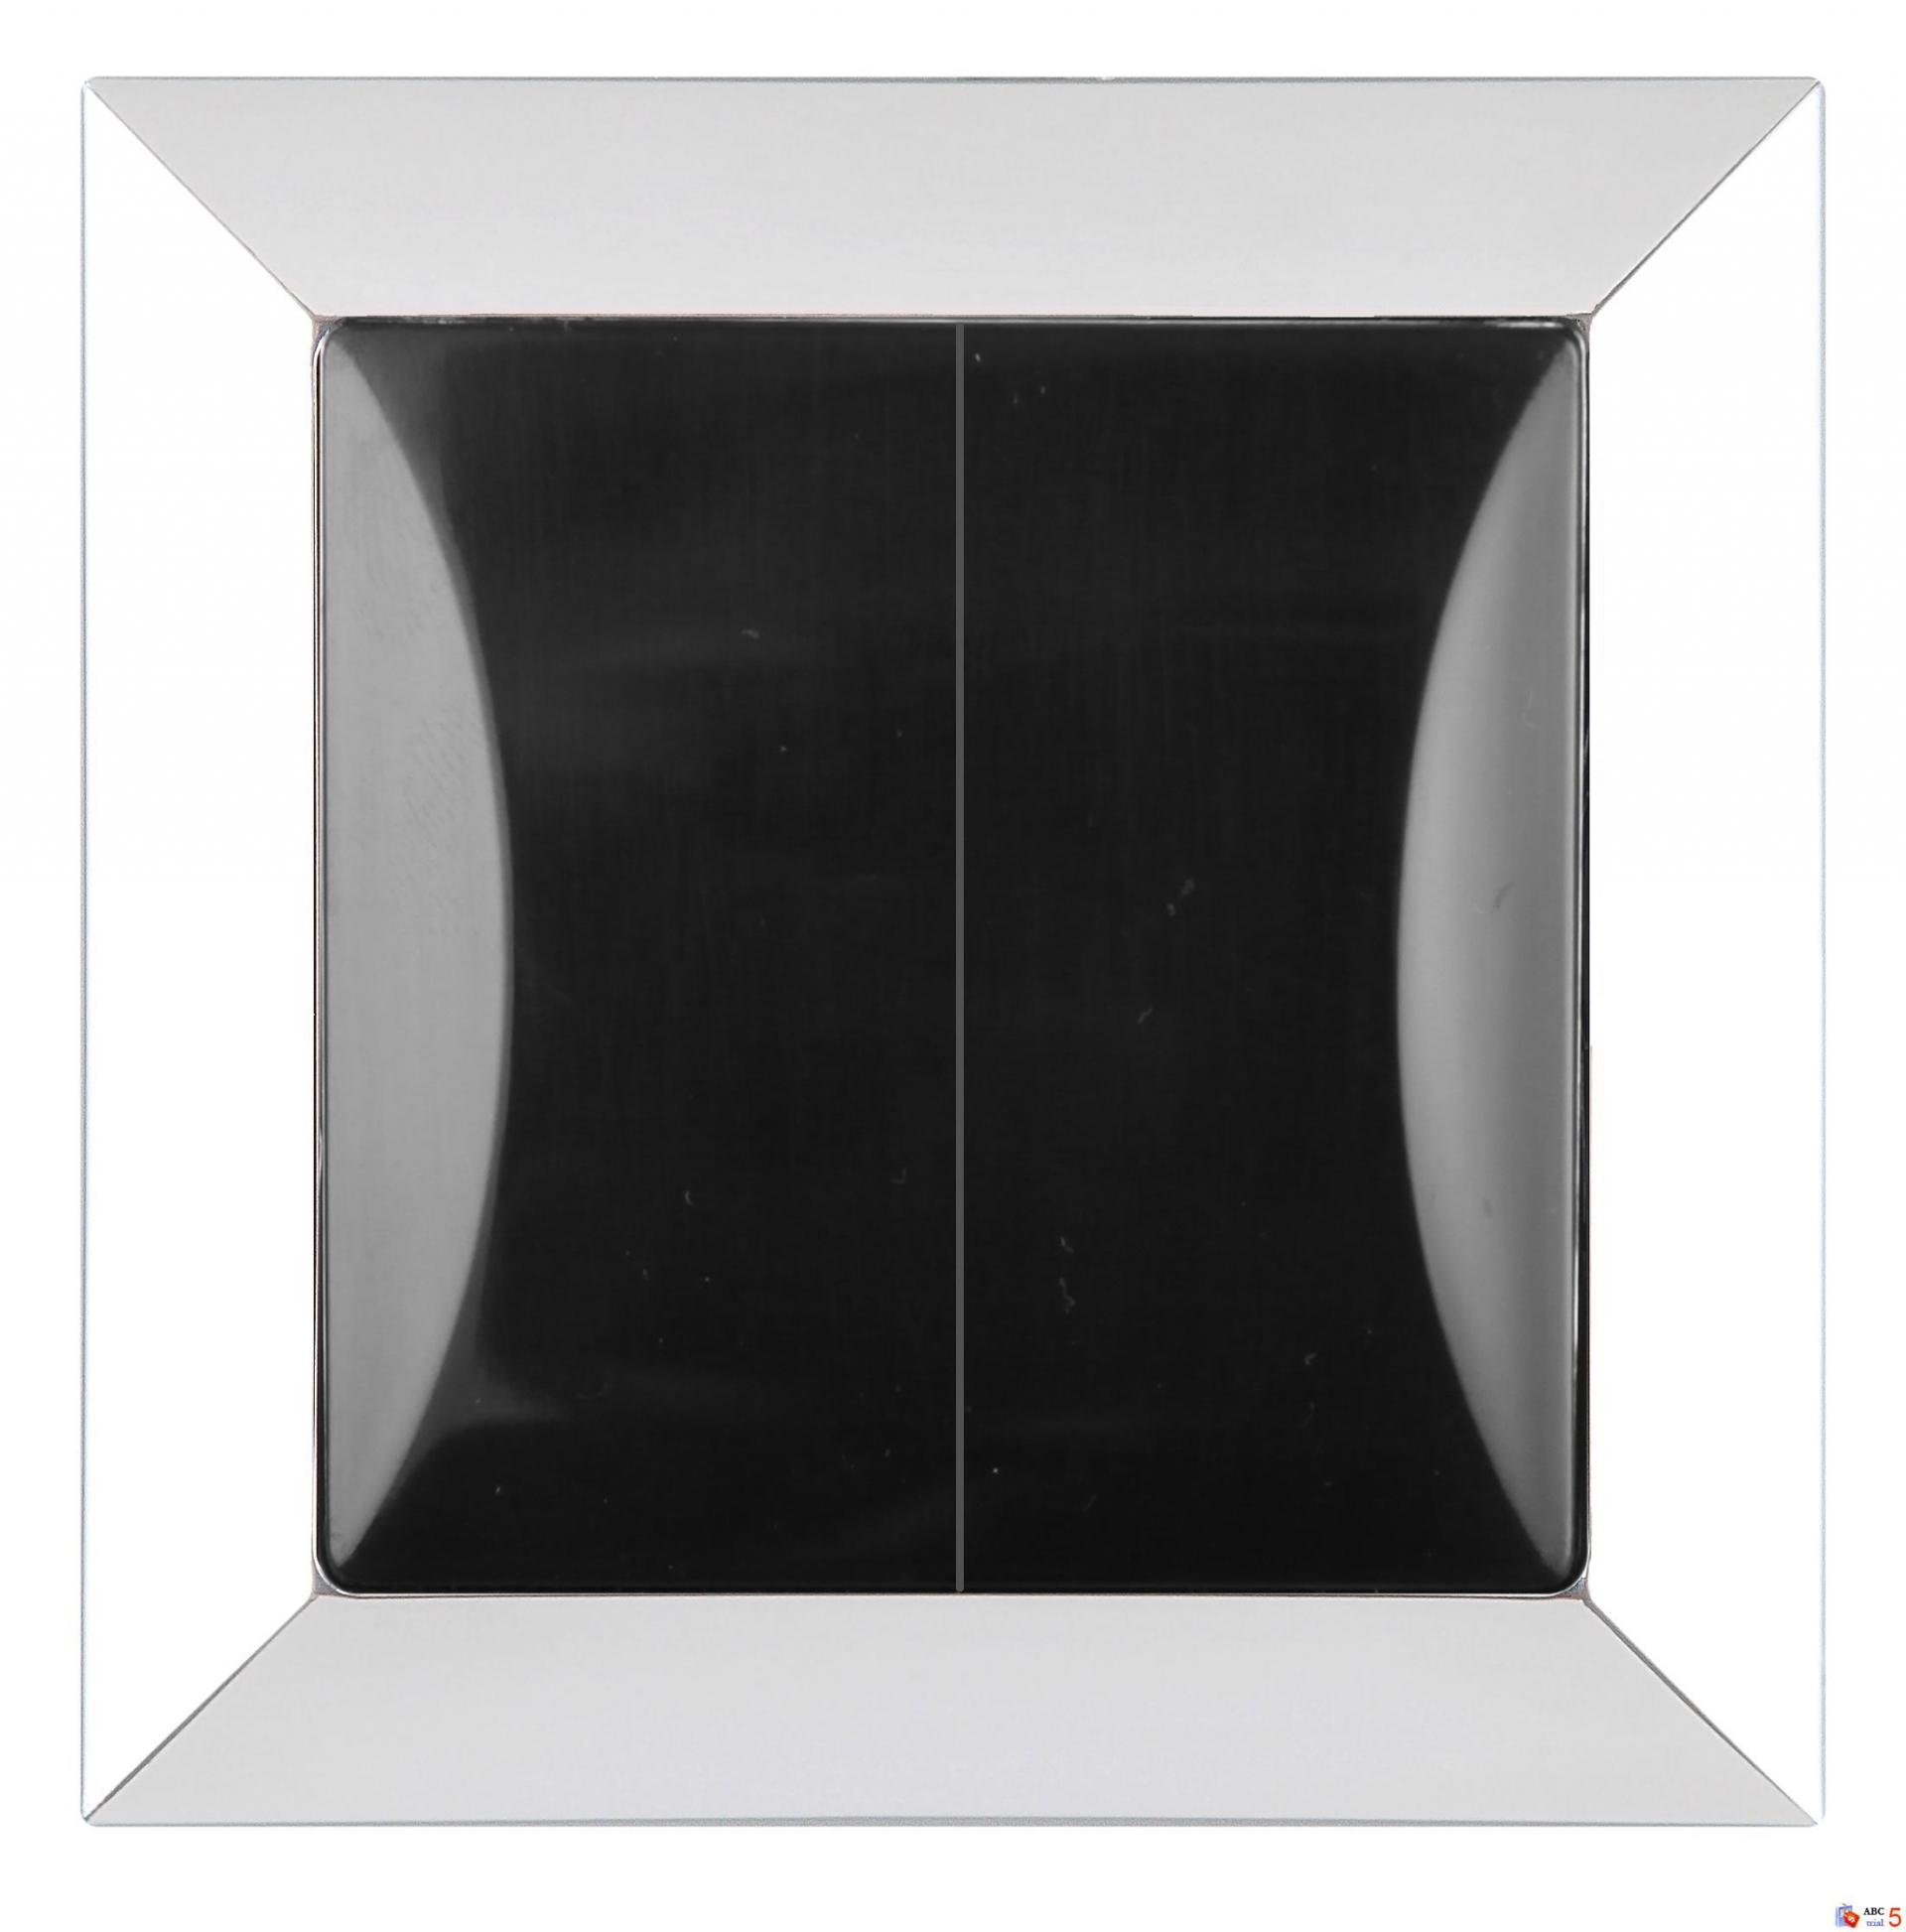 Střídavý přepínač - chrom + černá